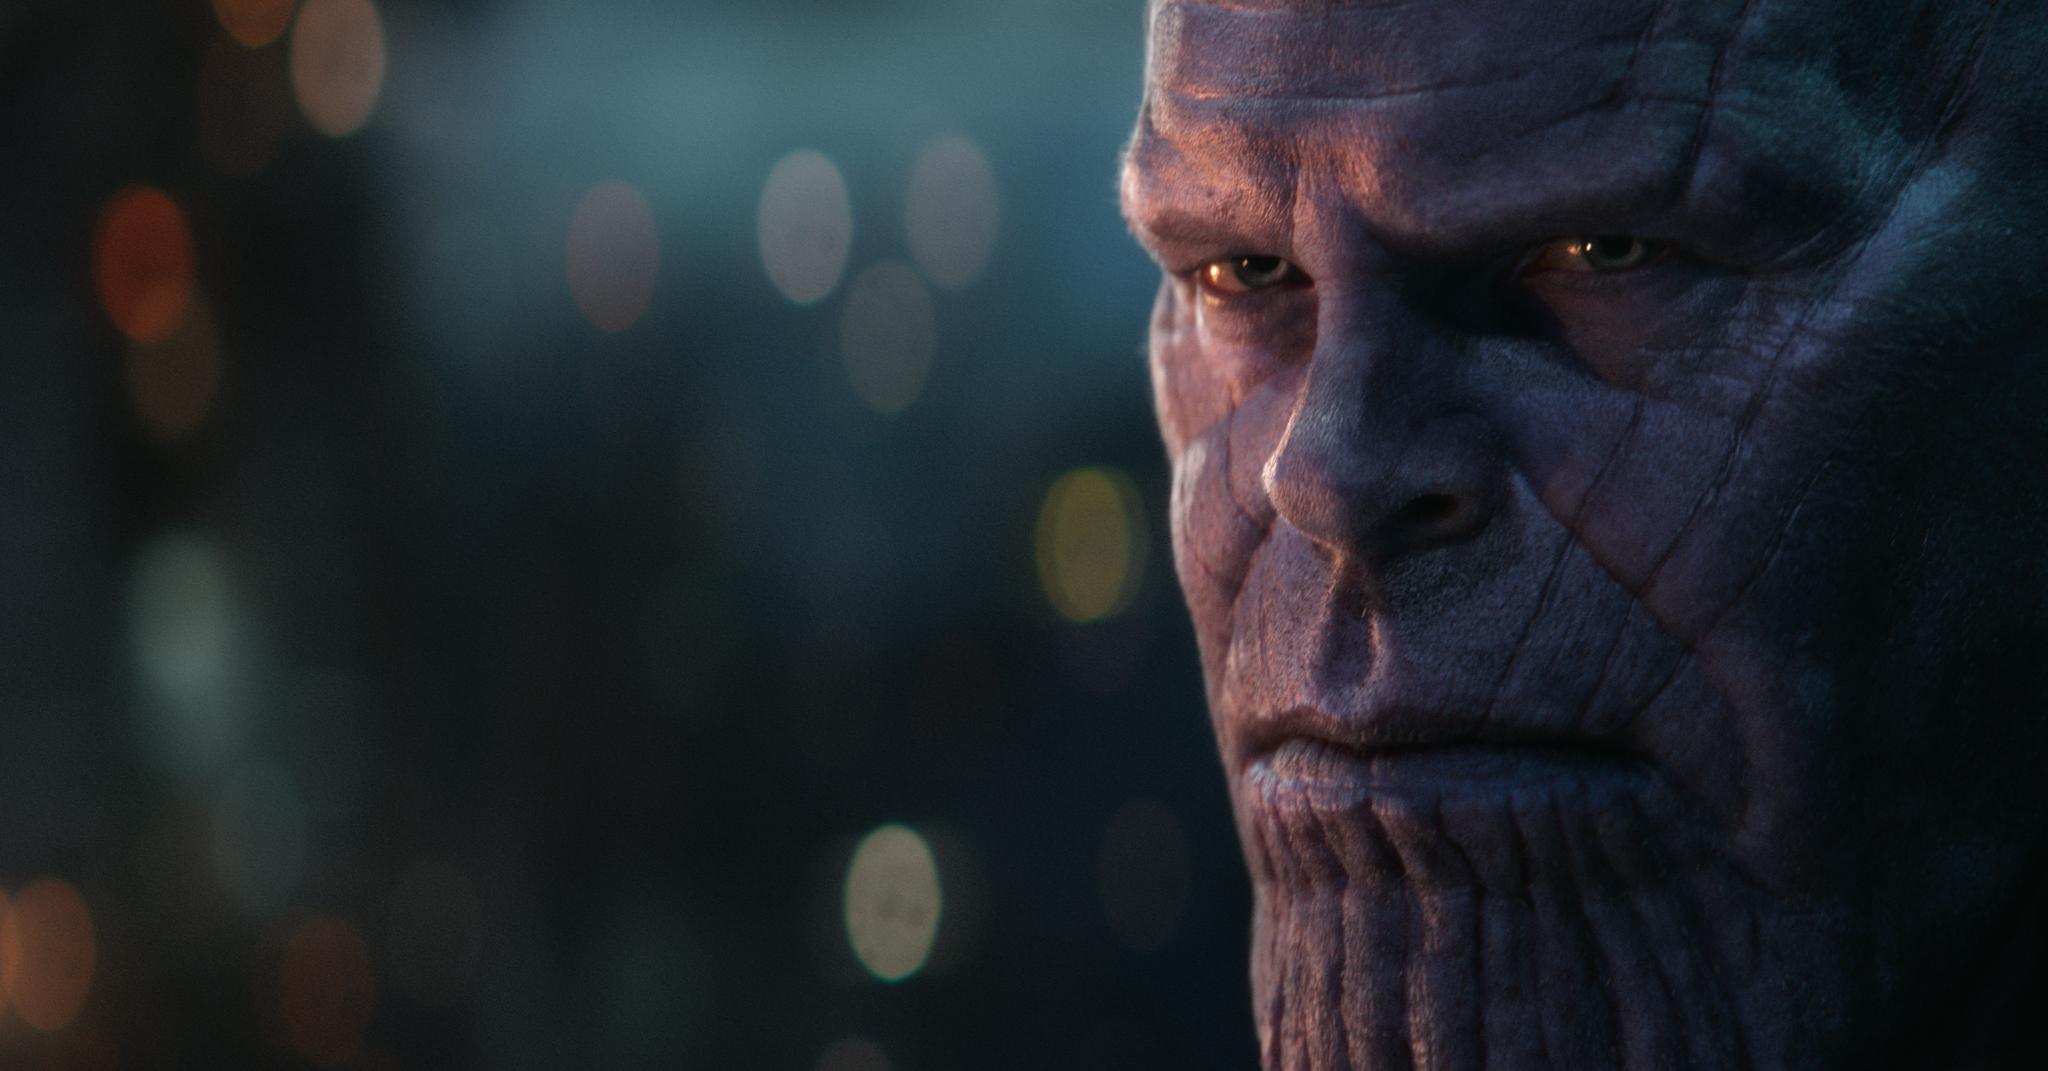 Por que três Guardiões da Galáxia sobreviveram ao ataque de Thanos?